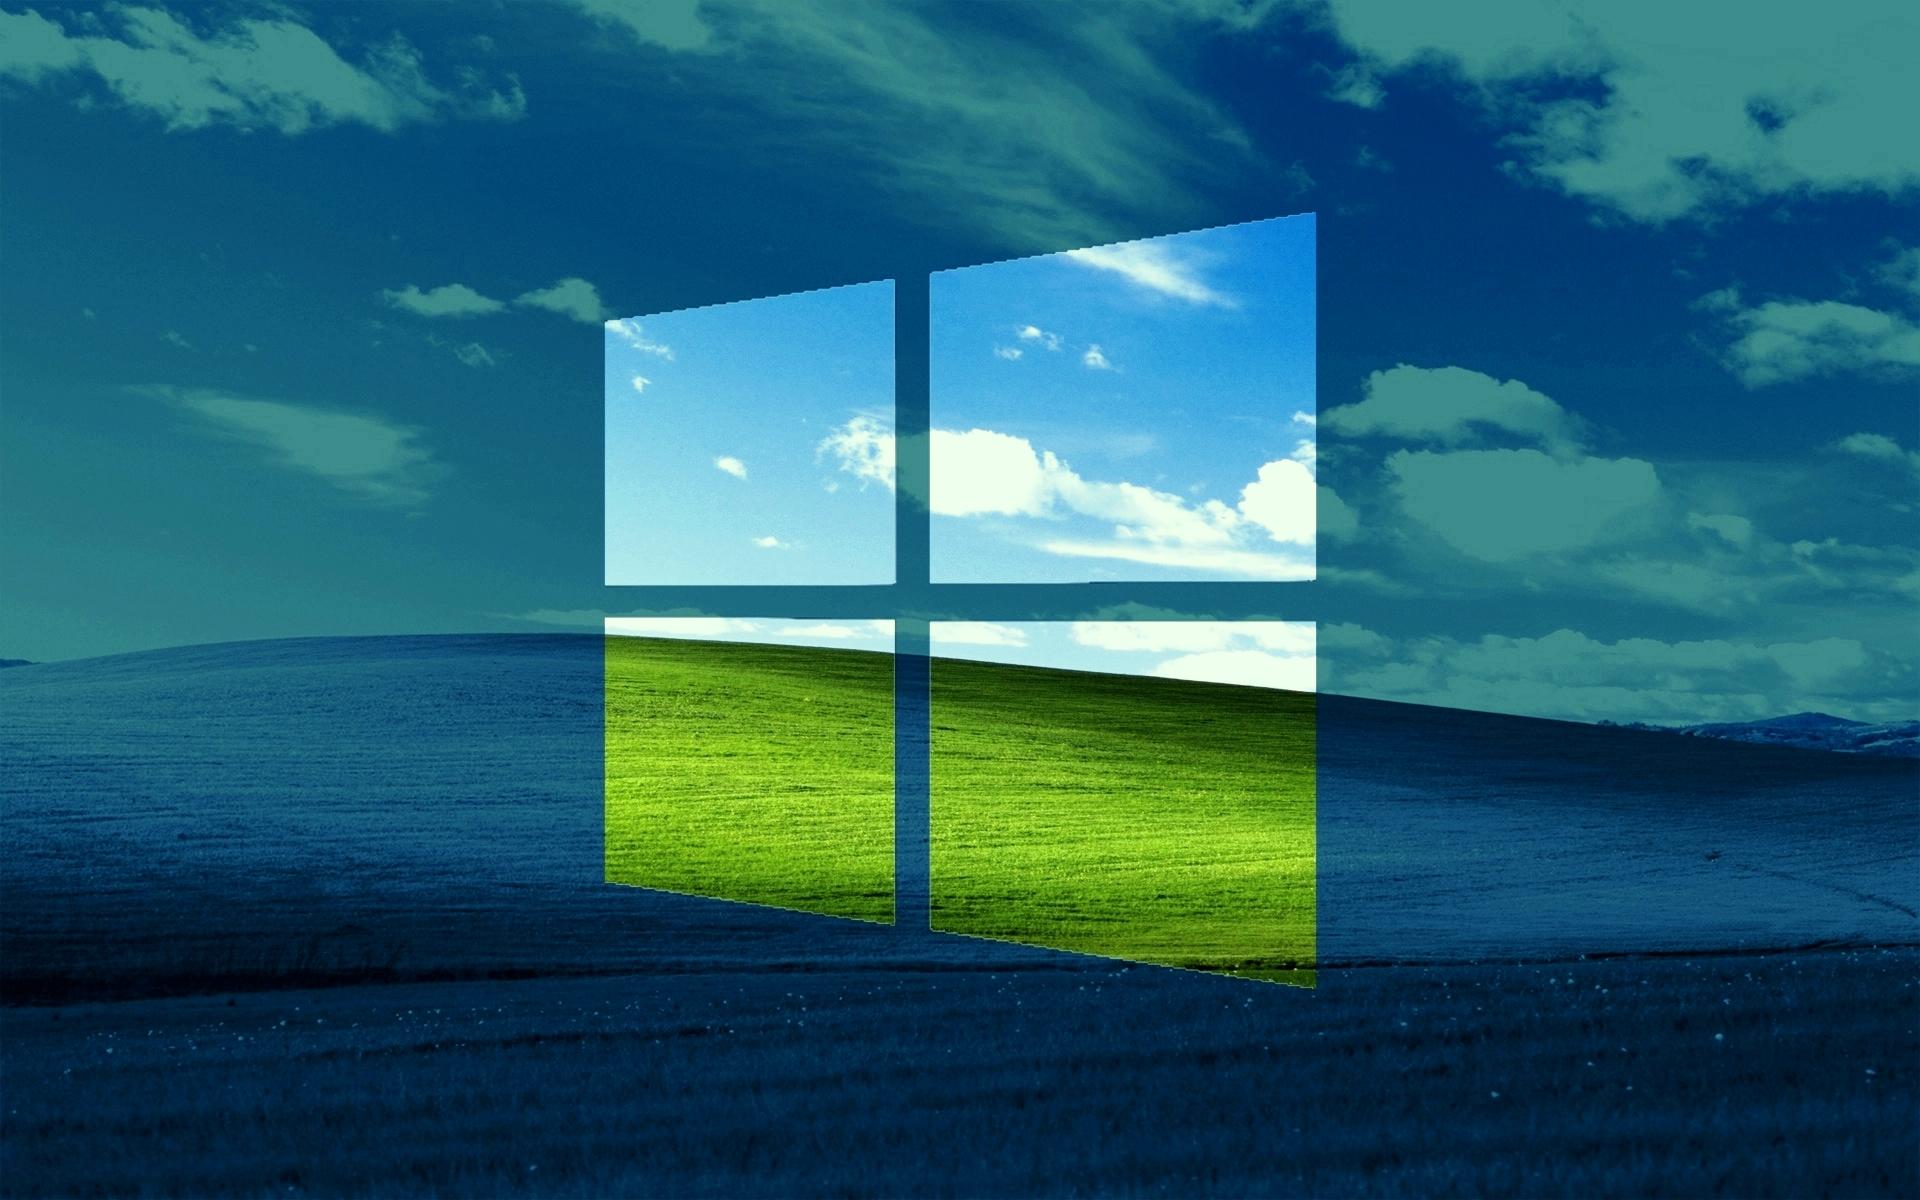 Windows xp wallpaper full hd